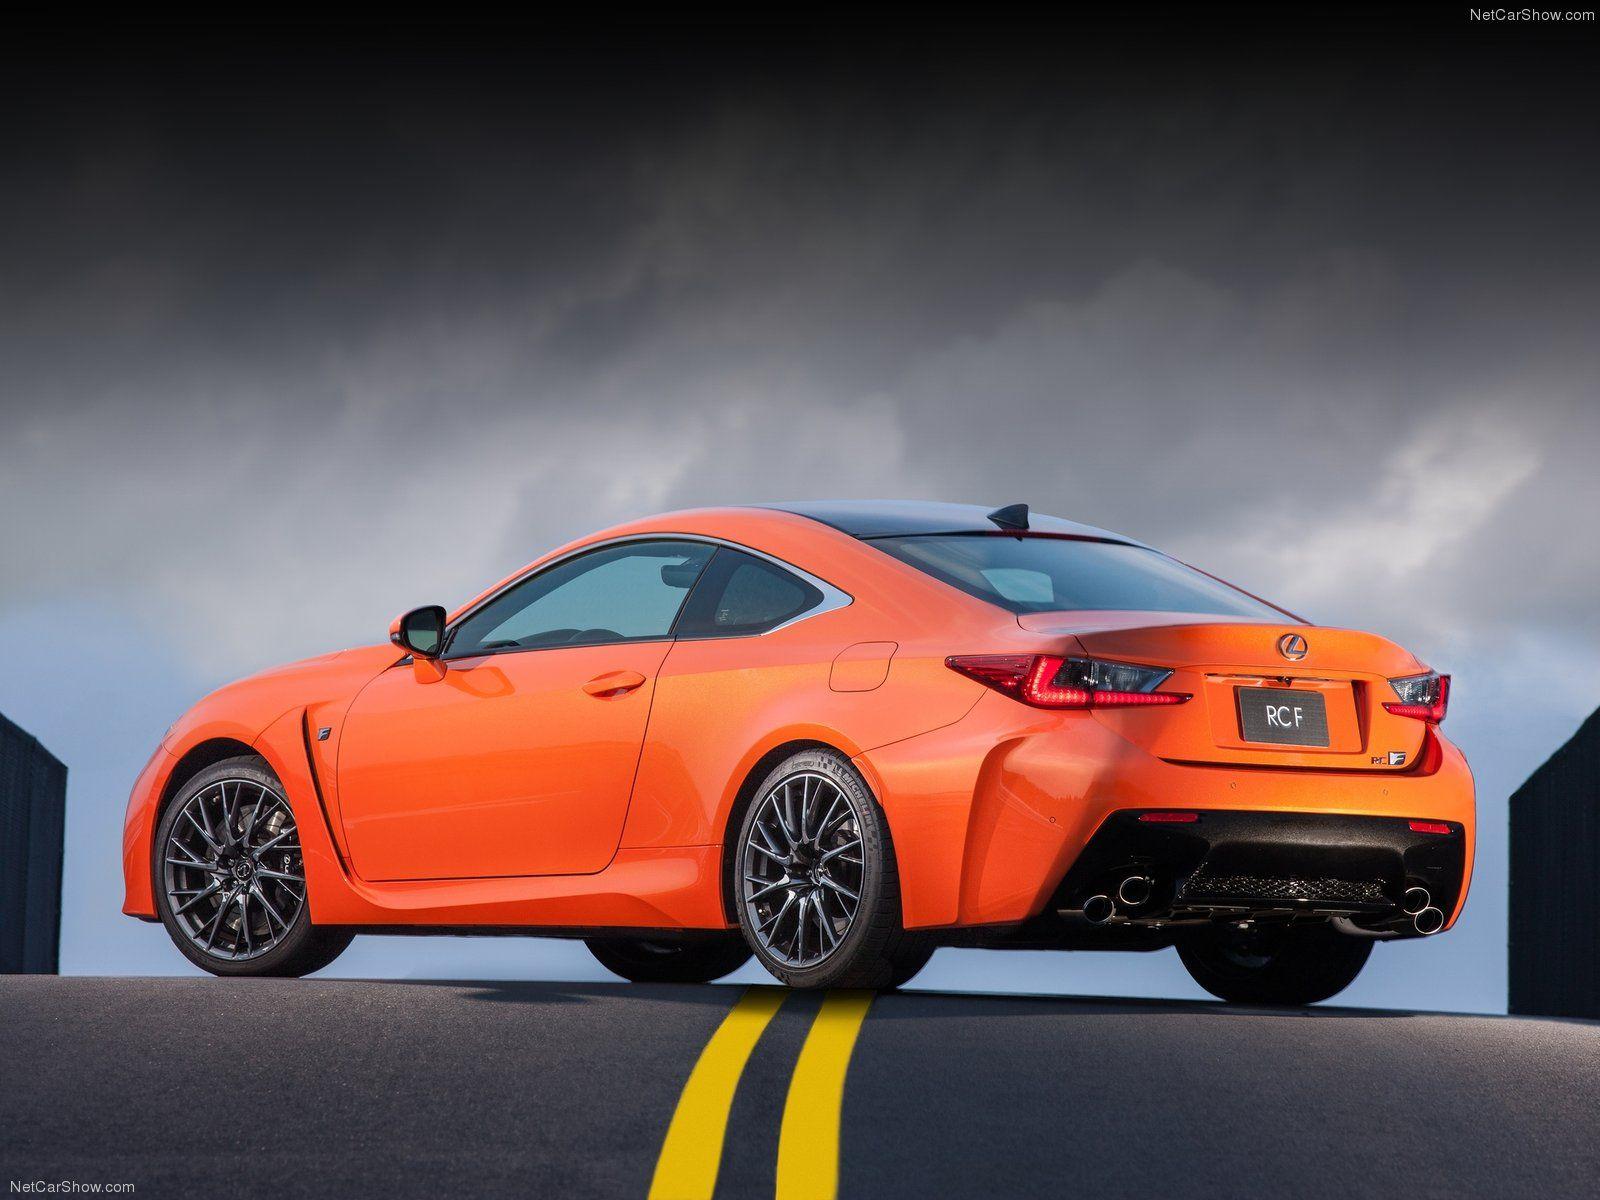 2015 Lexus RC F Lexus cars, Lexus, Lexus lfa